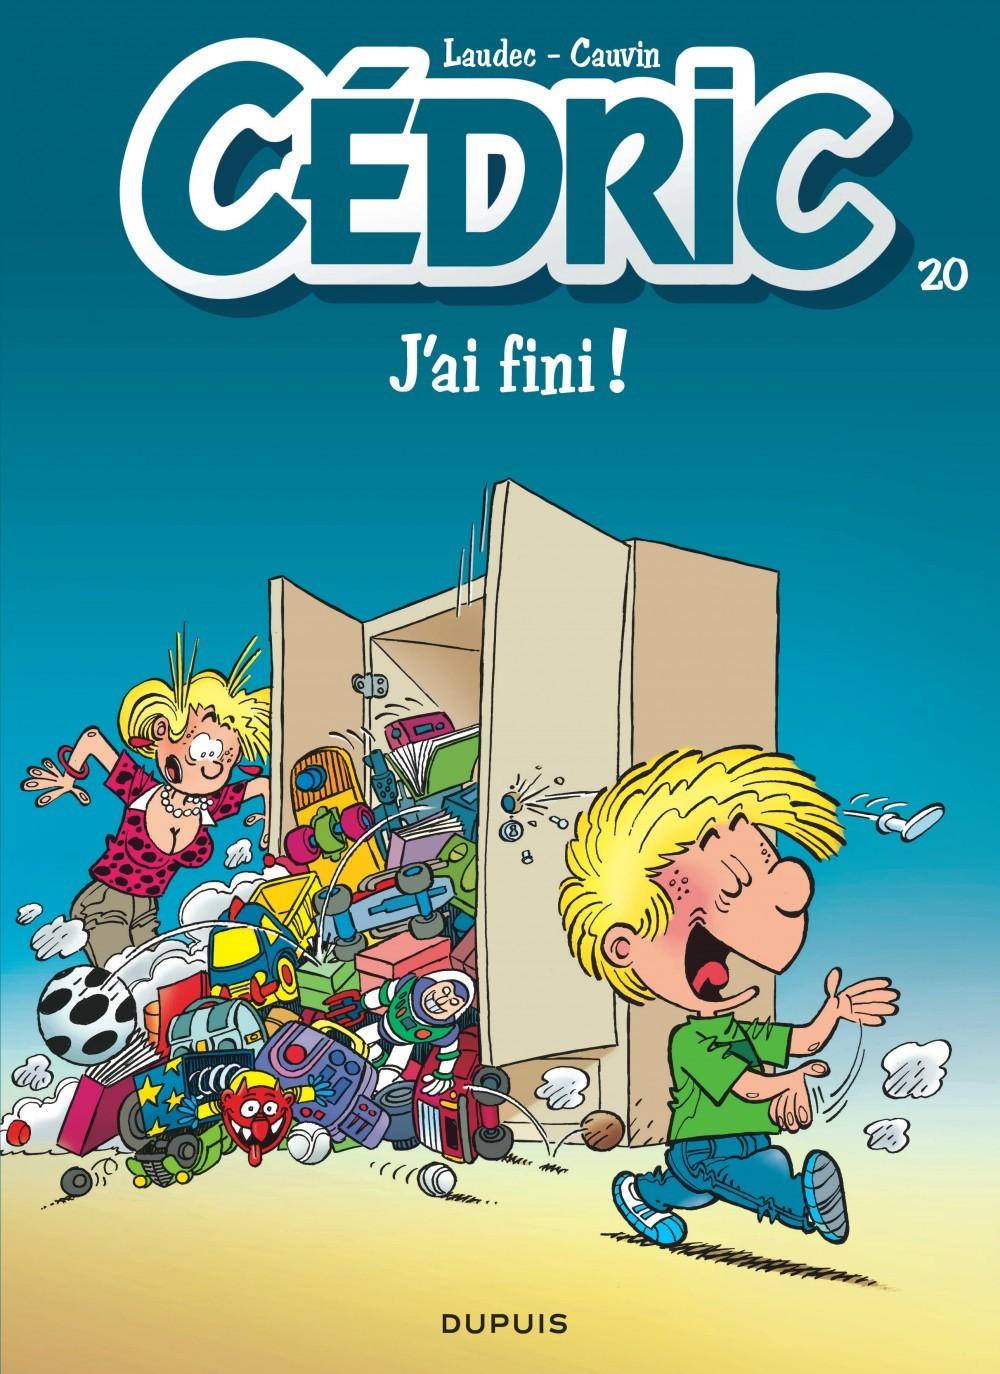 J'AI FINI ! - CEDRIC - T20